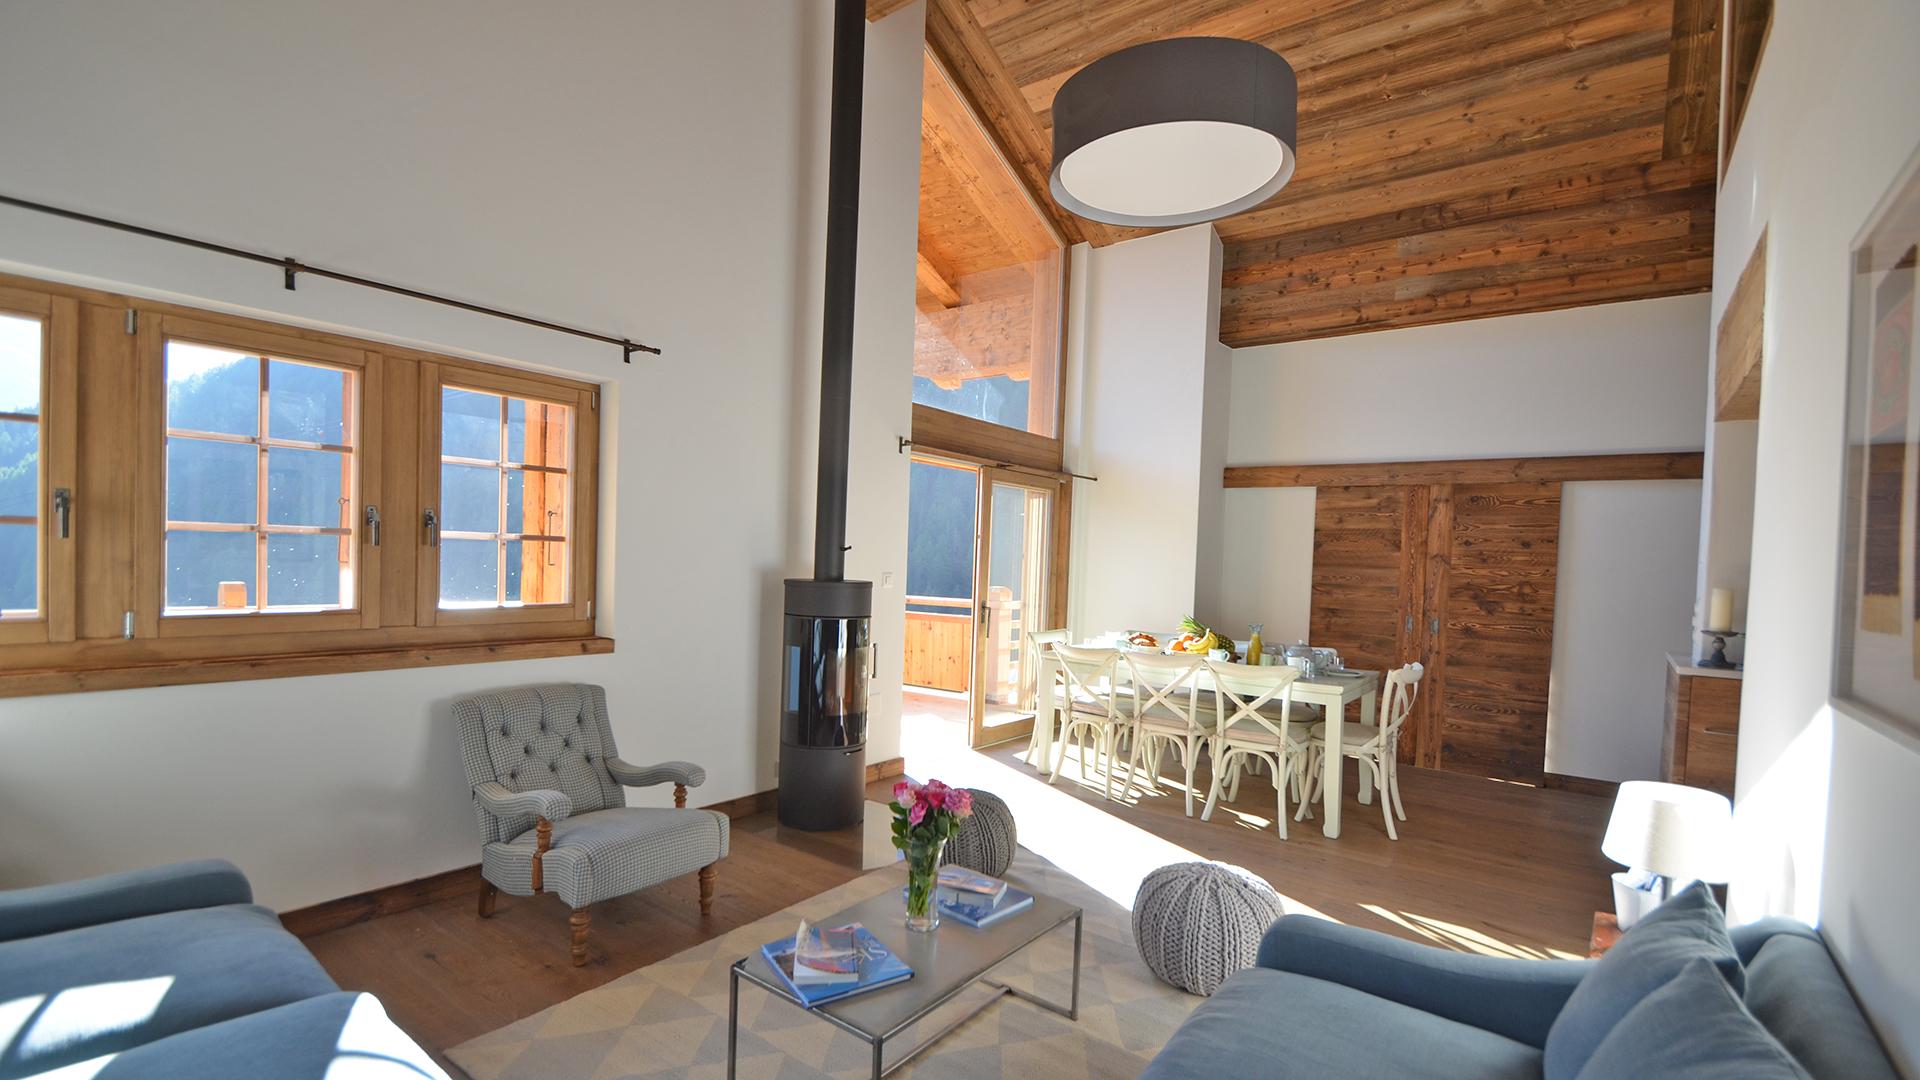 Adelaide Apartments - Phase 1 Apartments, Switzerland